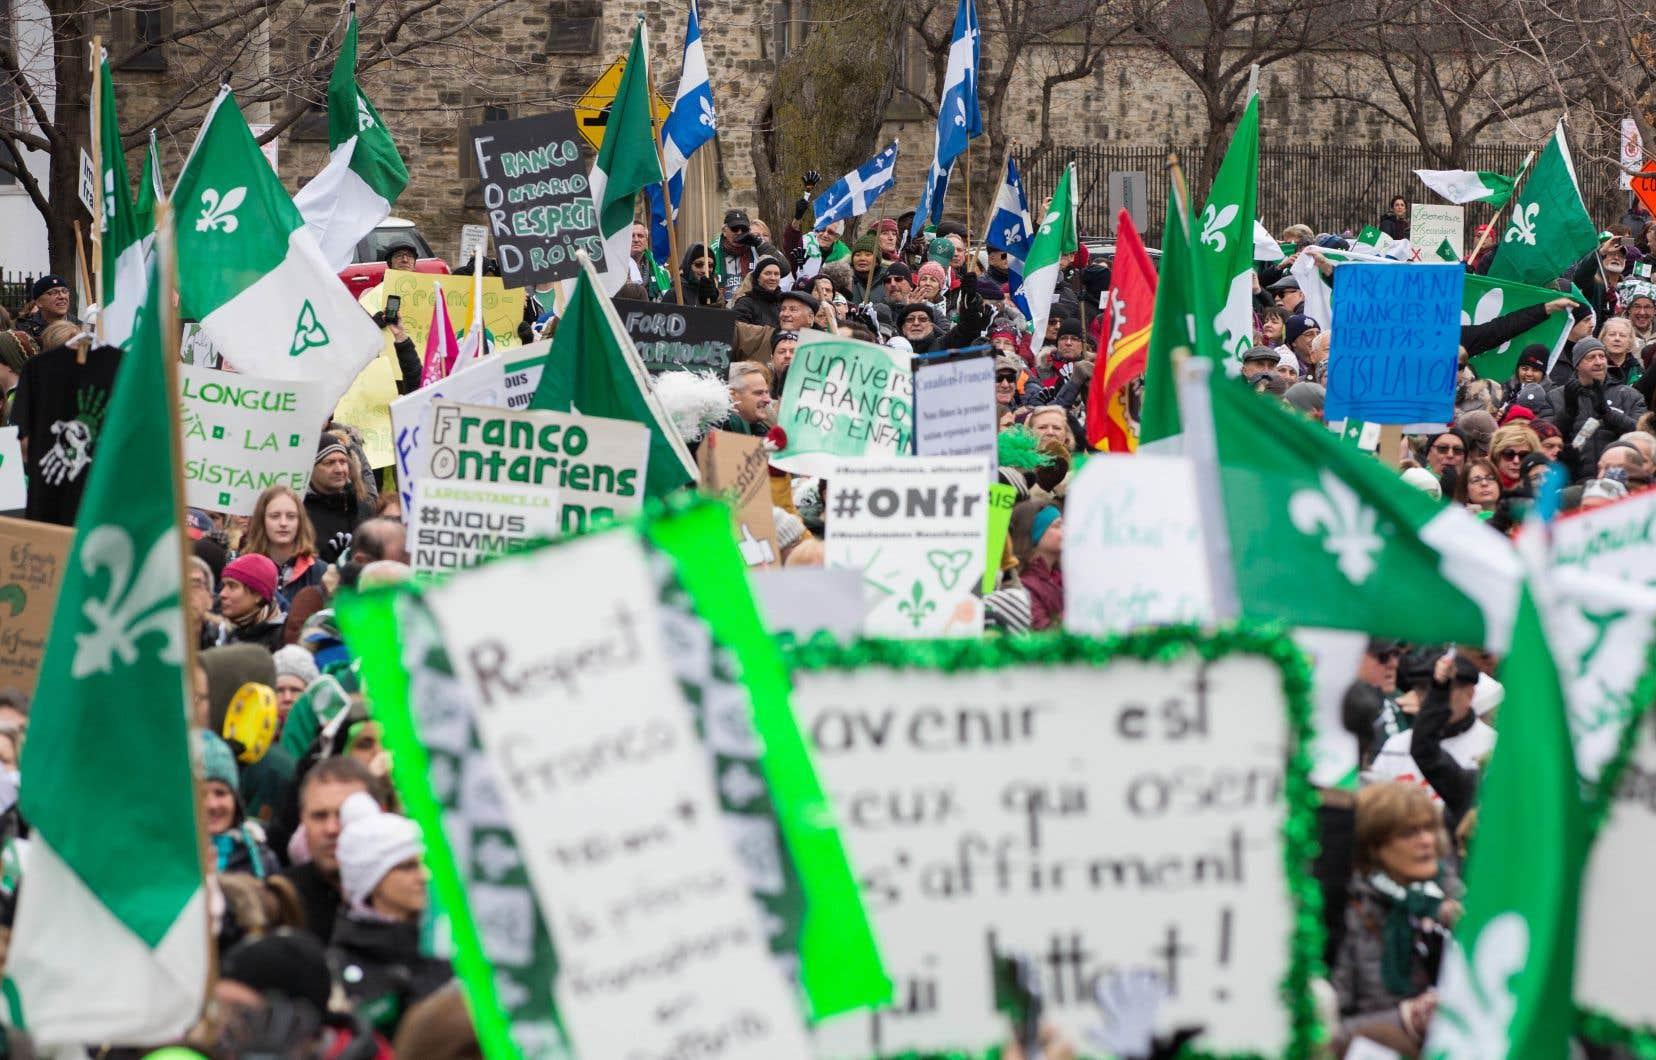 Samedi, des milliers de francophones se sont levés debout pour dénoncer haut et fort, entre autres, les coupes de Doug Ford dans les services aux francophones, rappelle l'auteur.